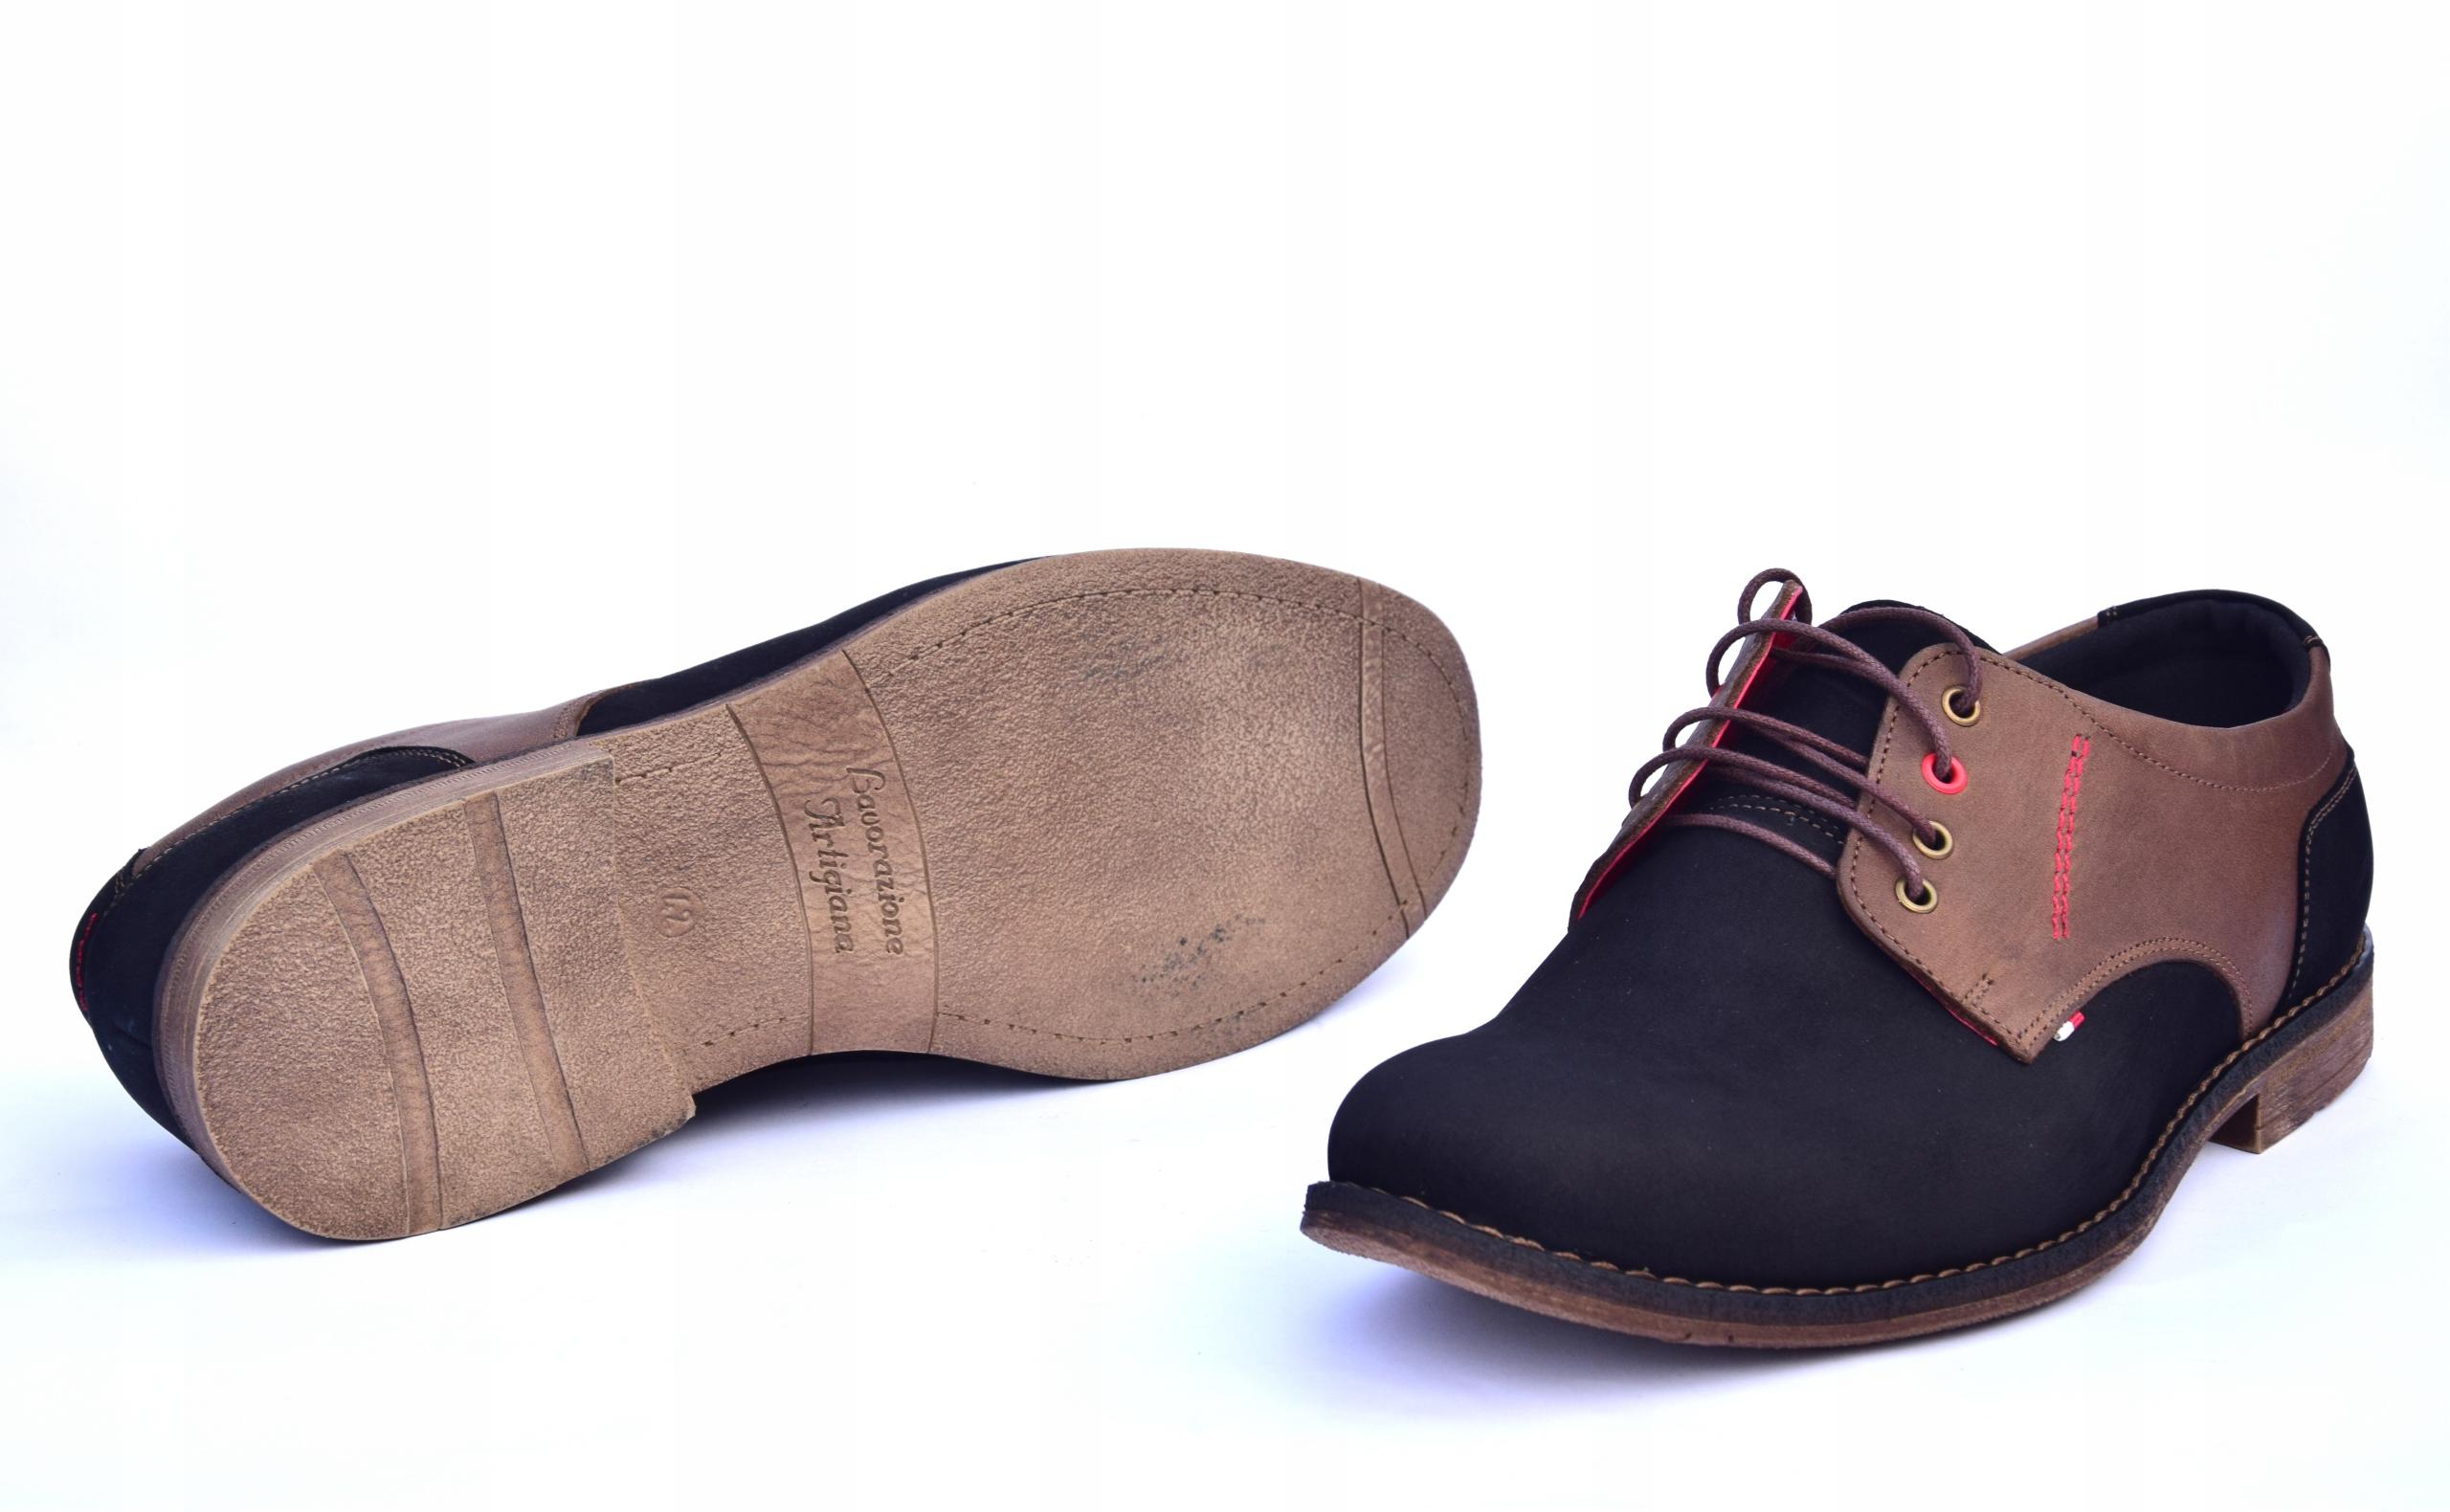 Buty skórzane męskie obuwie polskiej produkcji 258 Materiał wkładki skóra naturalna